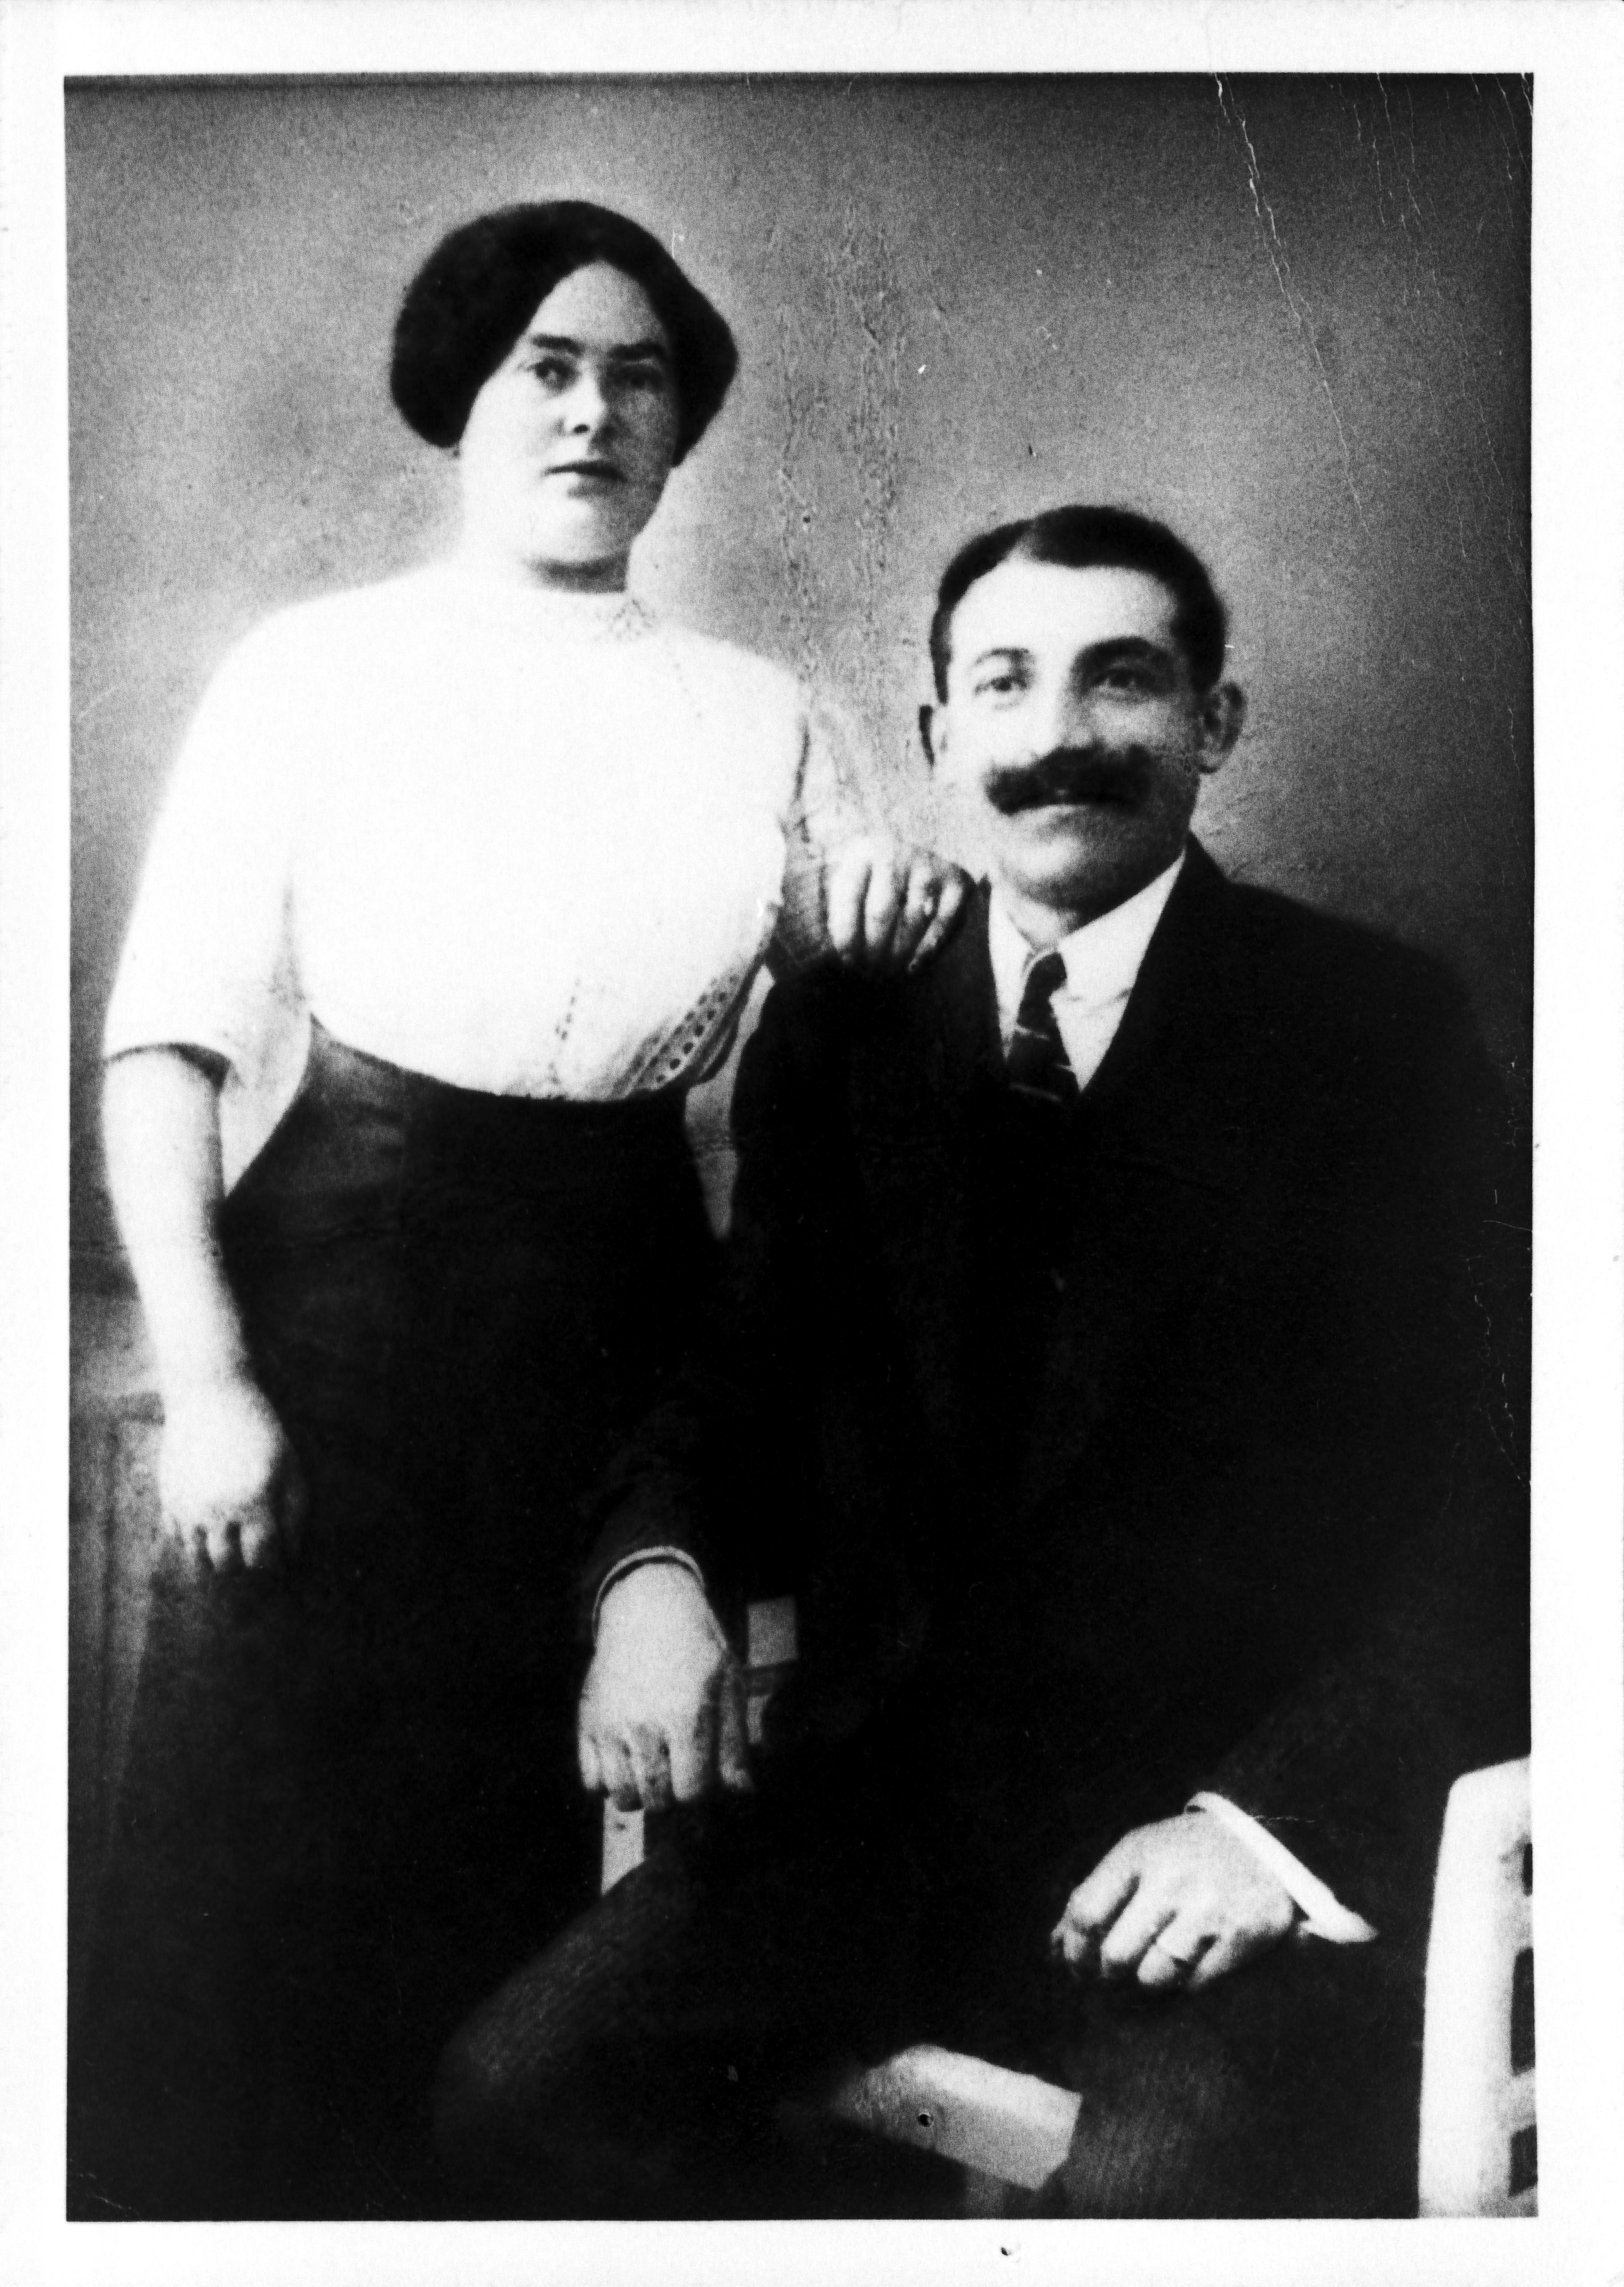 Max and Berta Adler circa 1920